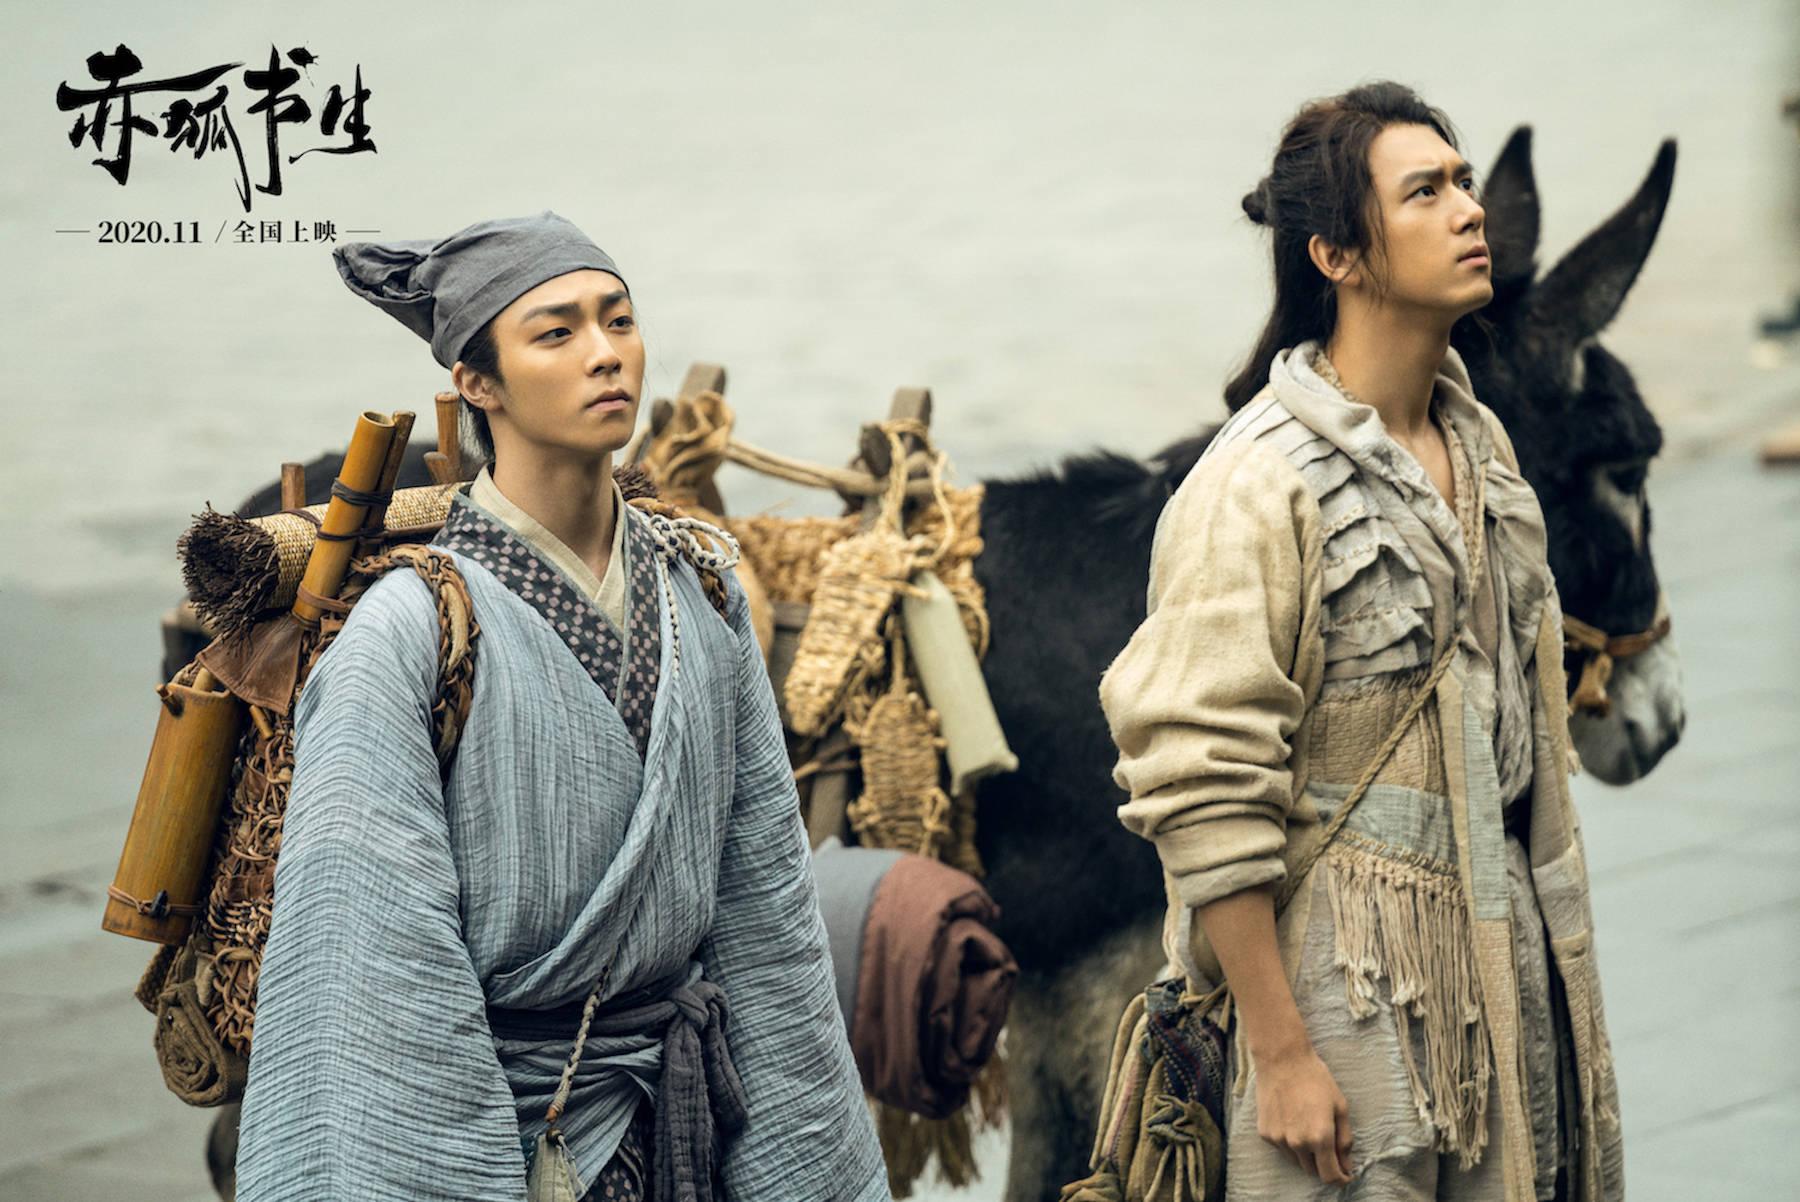 奇幻电影《赤狐书生》定档2020年11月  陈立农李现人狐结伴历险人间